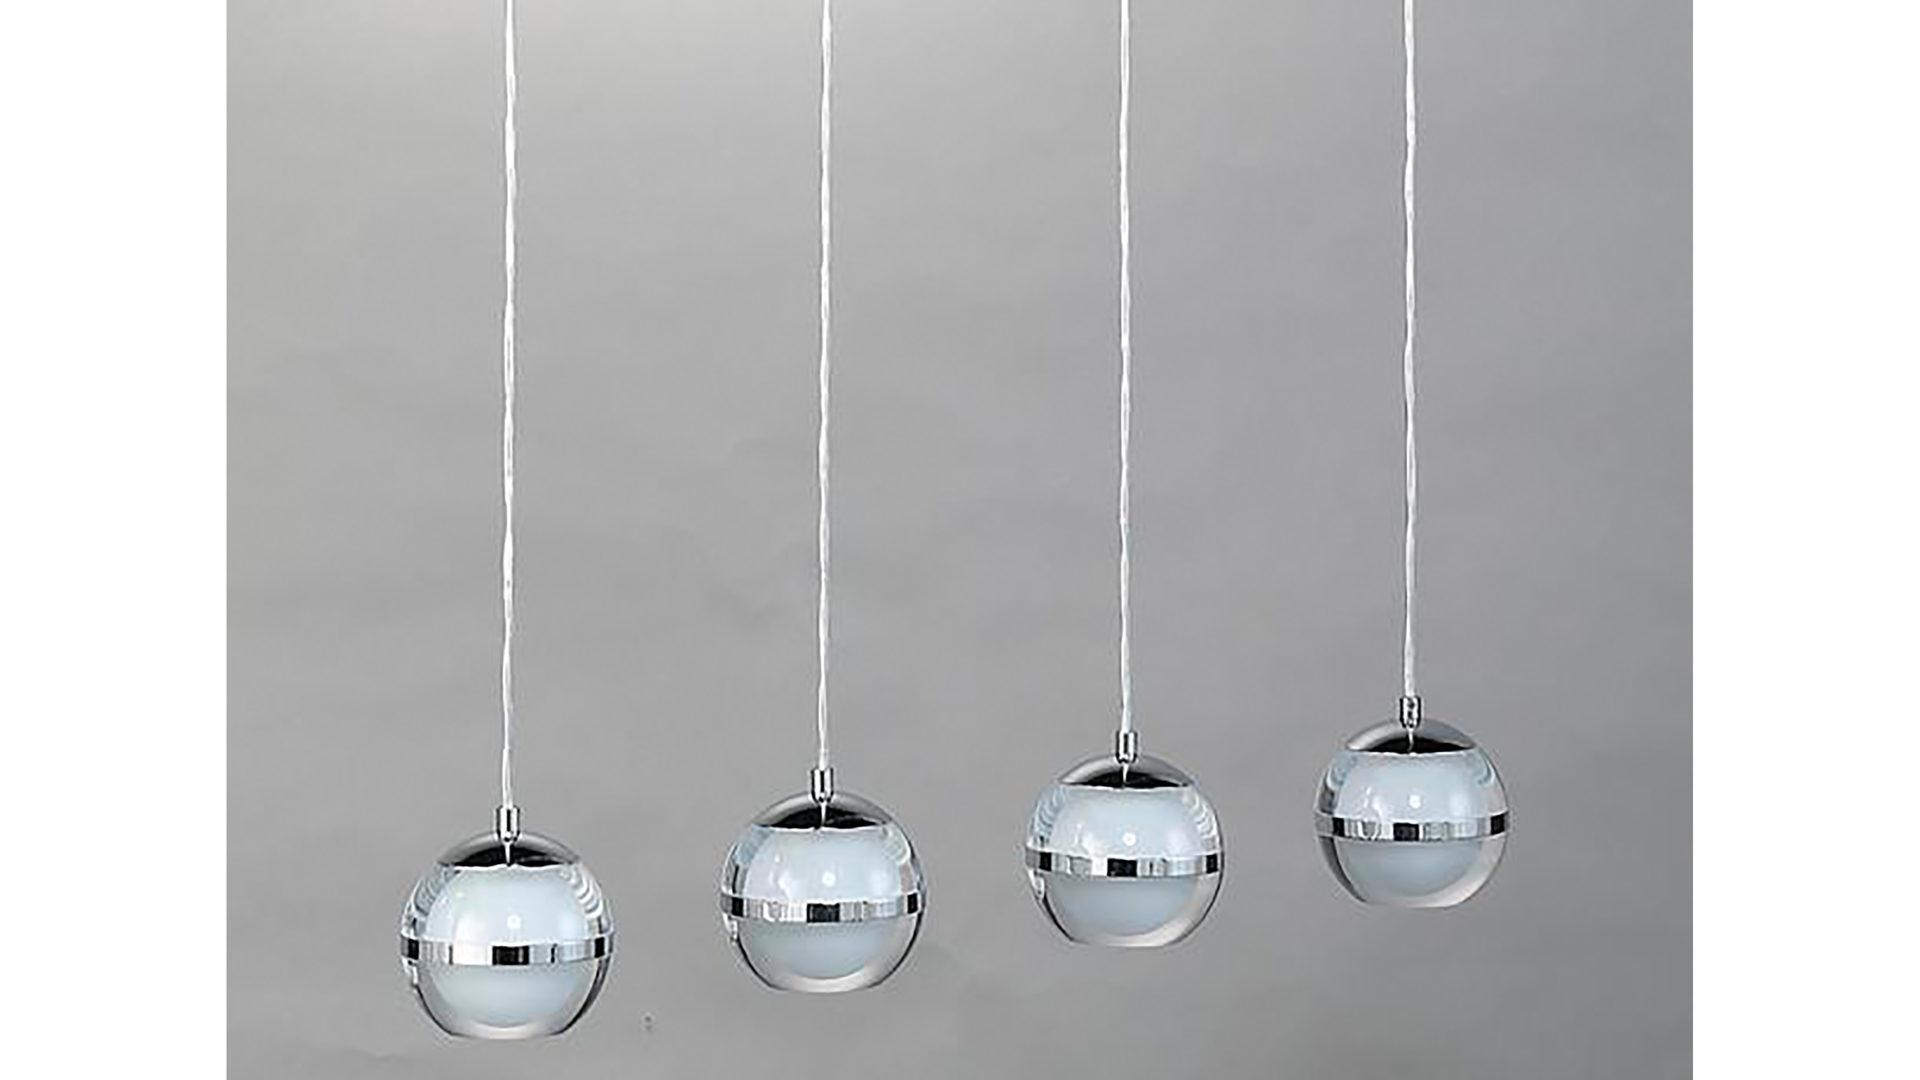 Fesselnd BBM Parchim, Räume, Esszimmer, Lampen + Leuchten, LED  Pendelleuchte, LED